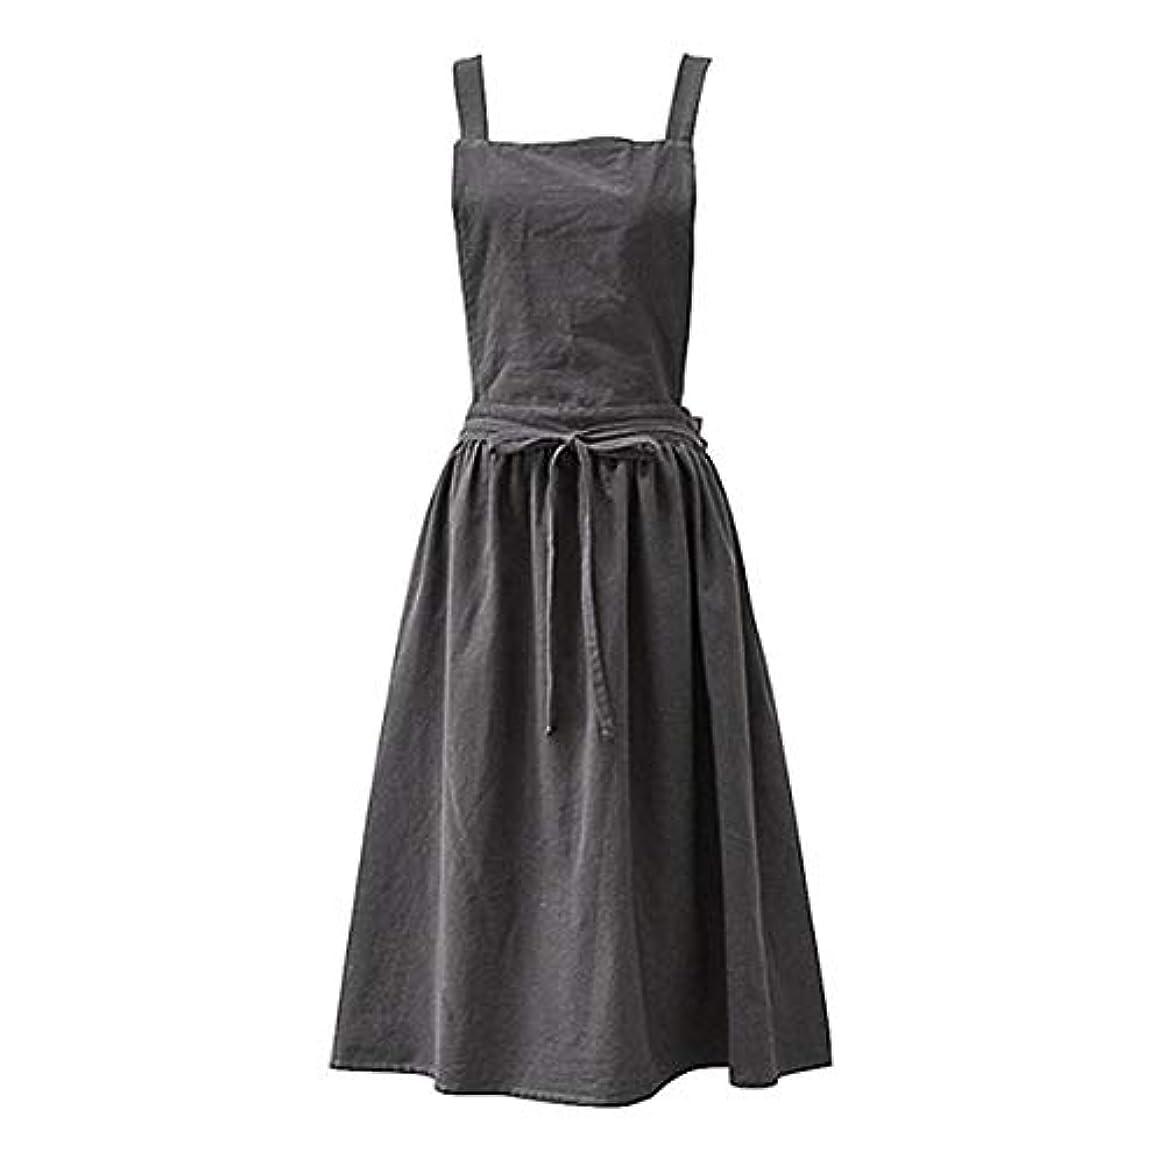 明快明らかにする直径Aprons for the Kitchen Simple Washed Cotton Uniform Aprons for Woman Kitchen apron Cooking Coffee Shop apron for...